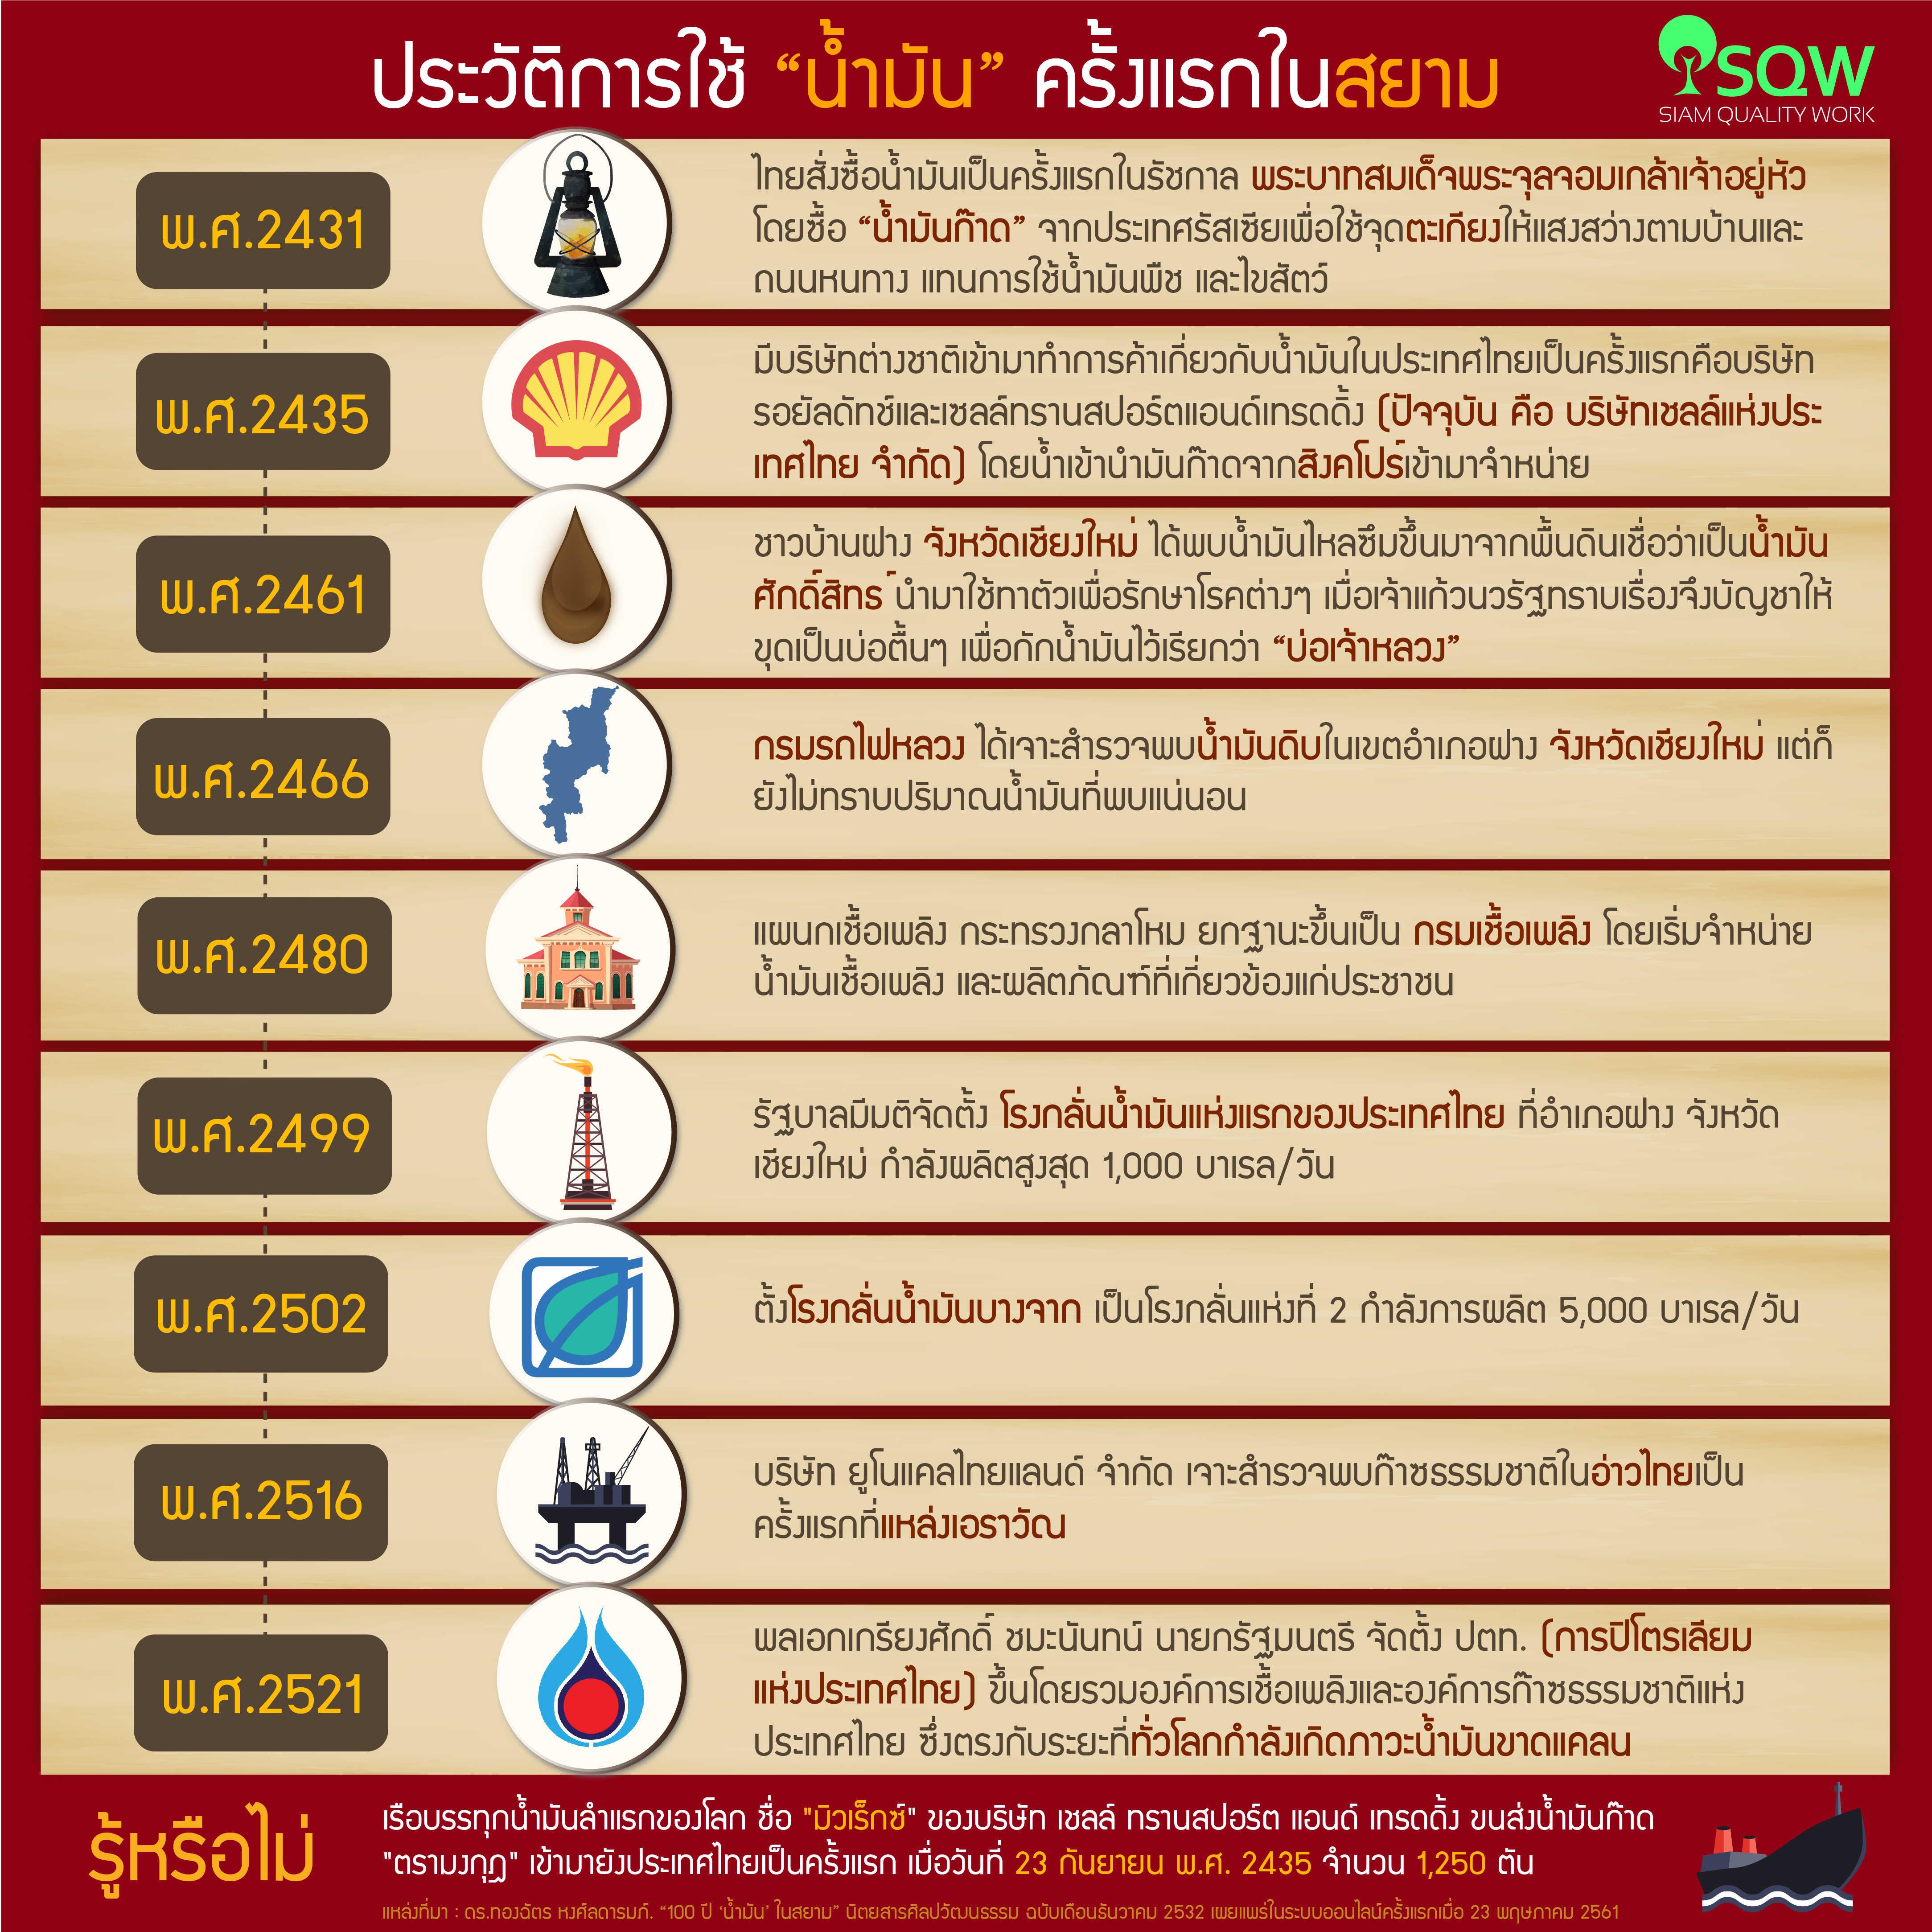 ประวัติการใช้น้ำมันของประเทศไทย